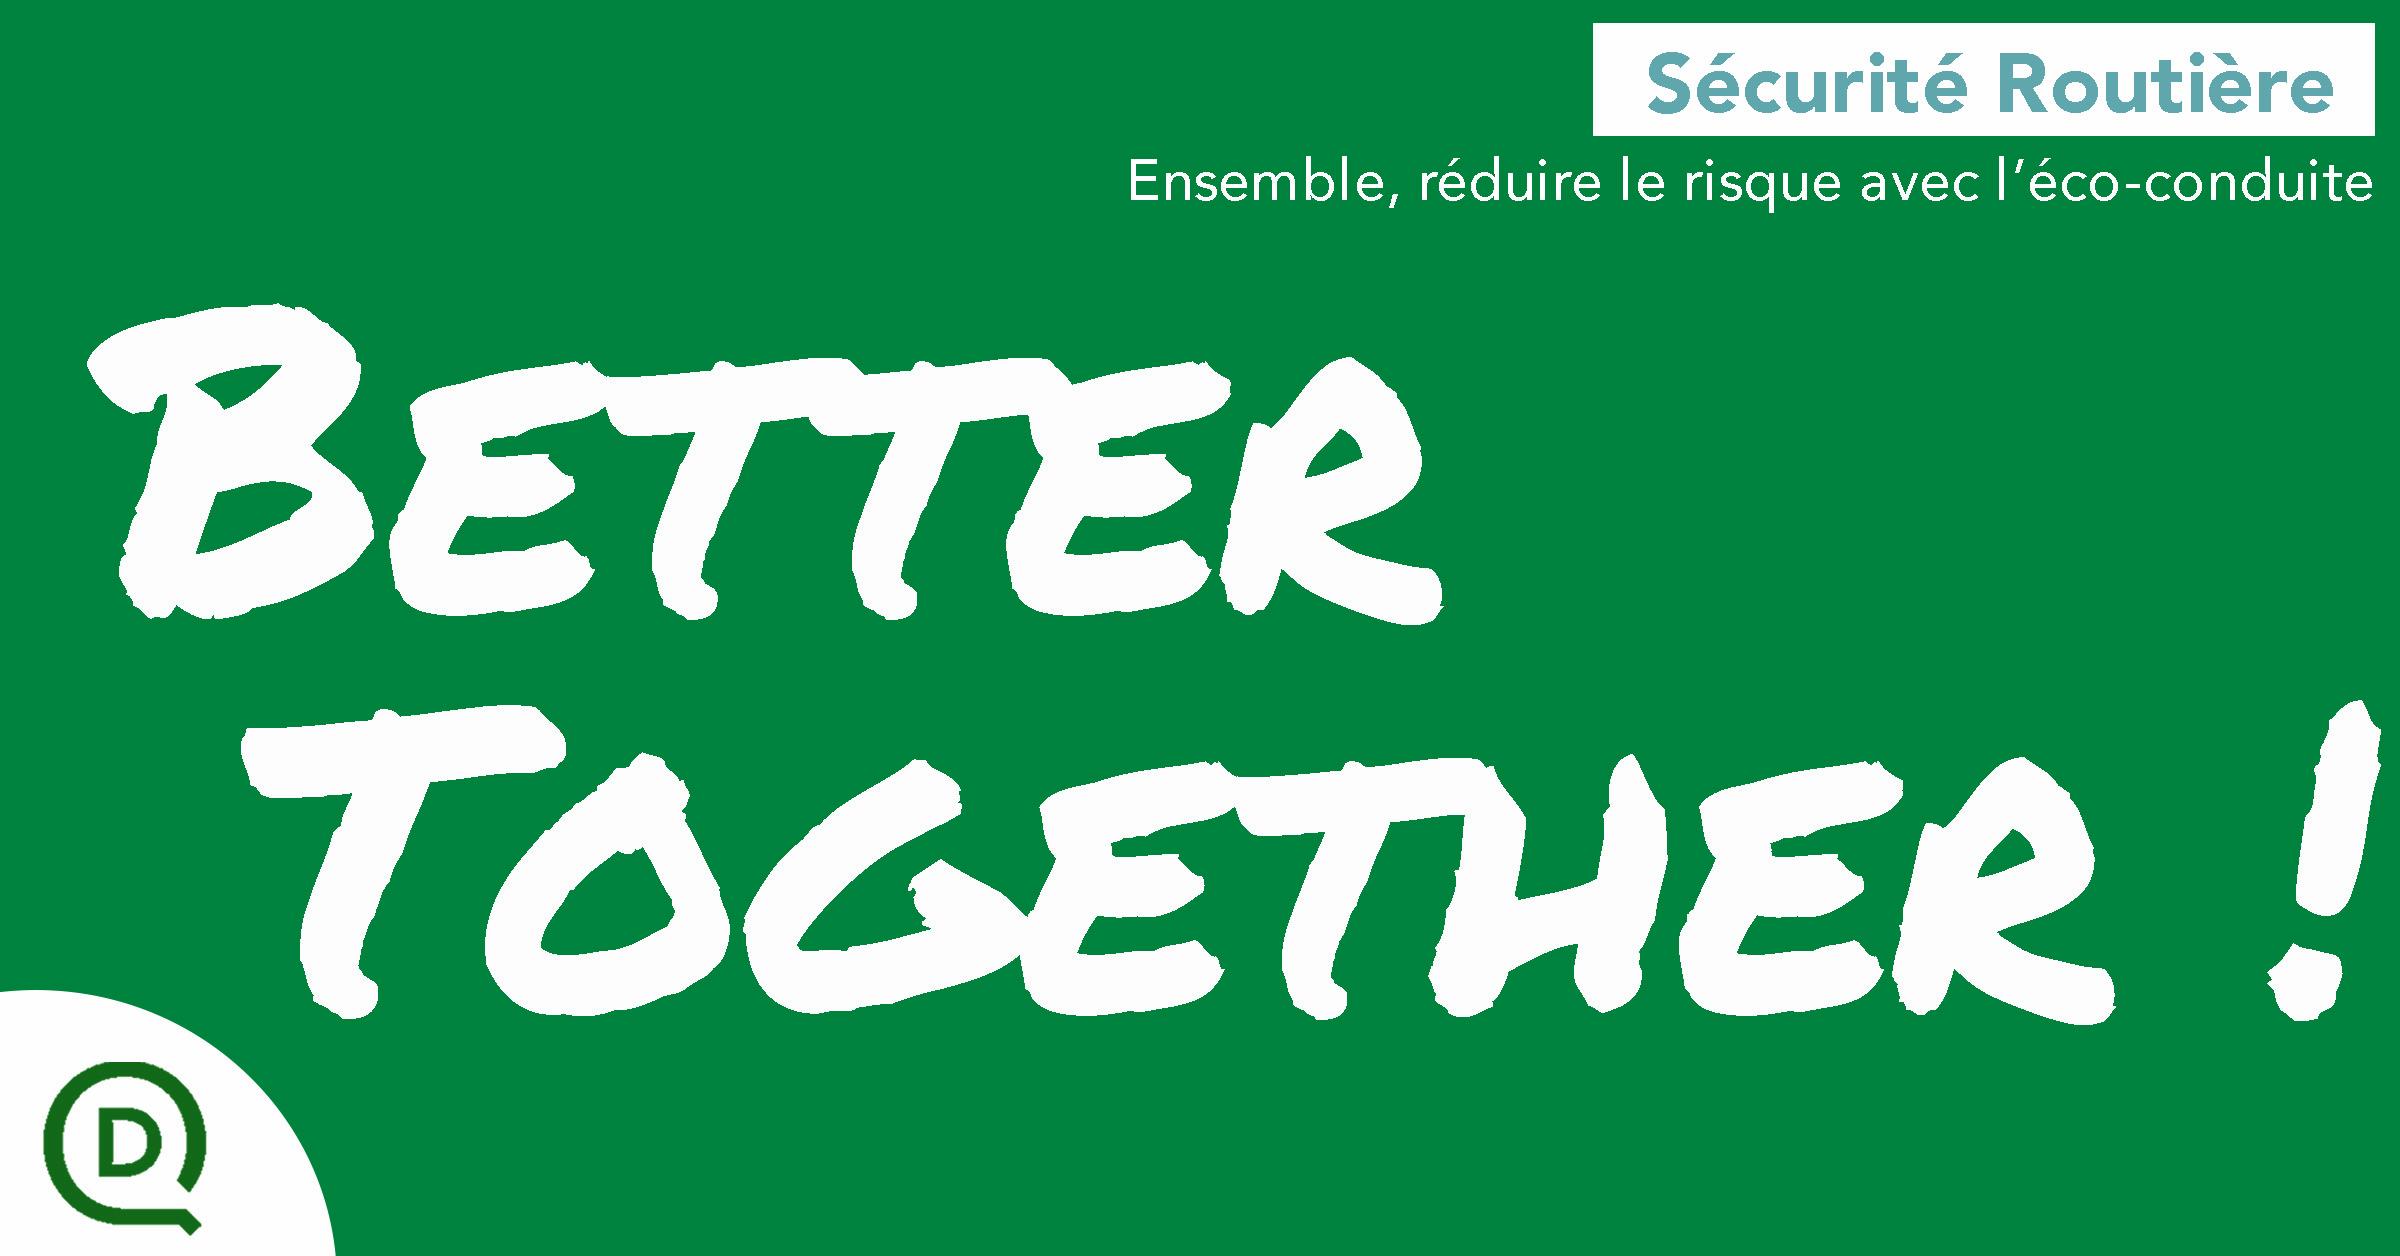 Sécurité Routière : peut-on aller plus loin avec l'éco-conduite ?